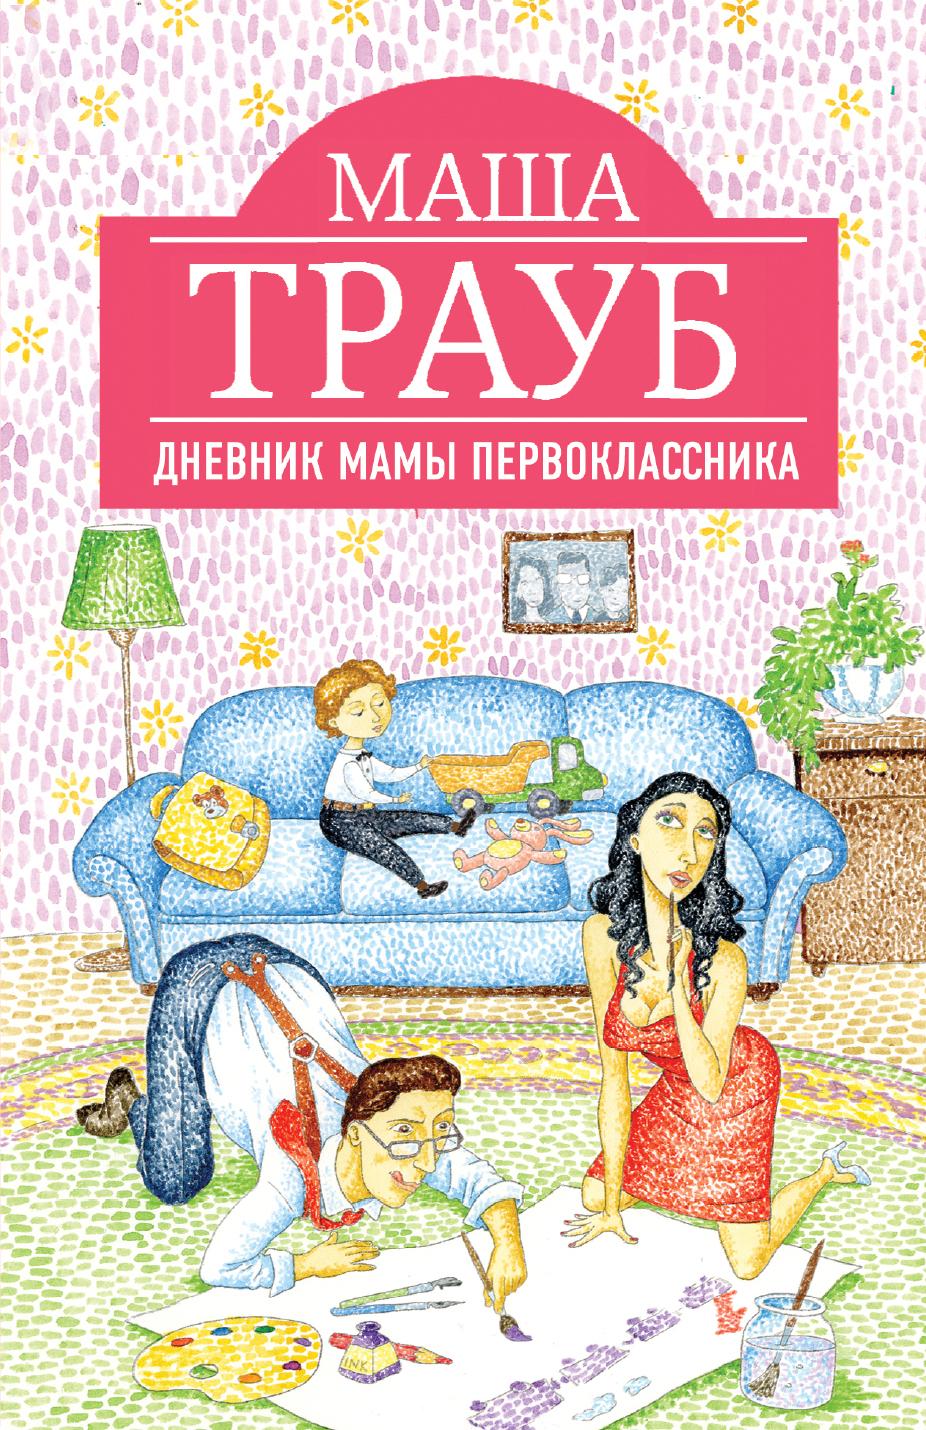 Маша трауб дневник мамы первоклассника – читать онлайн бесплатно.